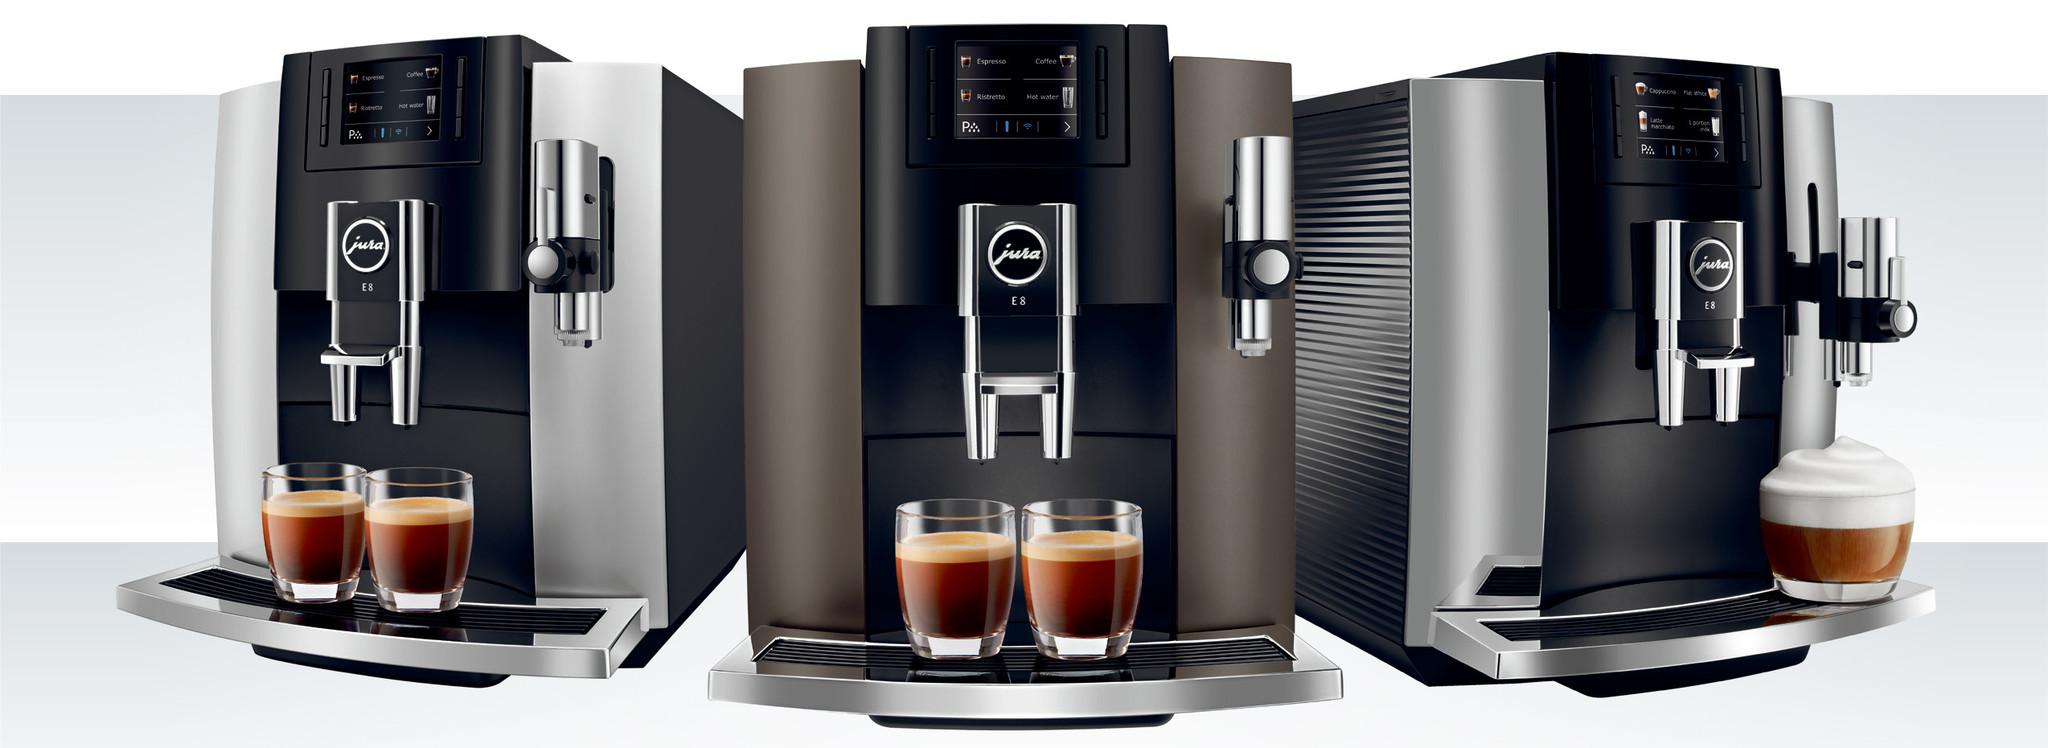 Bij Piest in Enschede zijn veel soorten Jura espresso machines verkrijgbaar